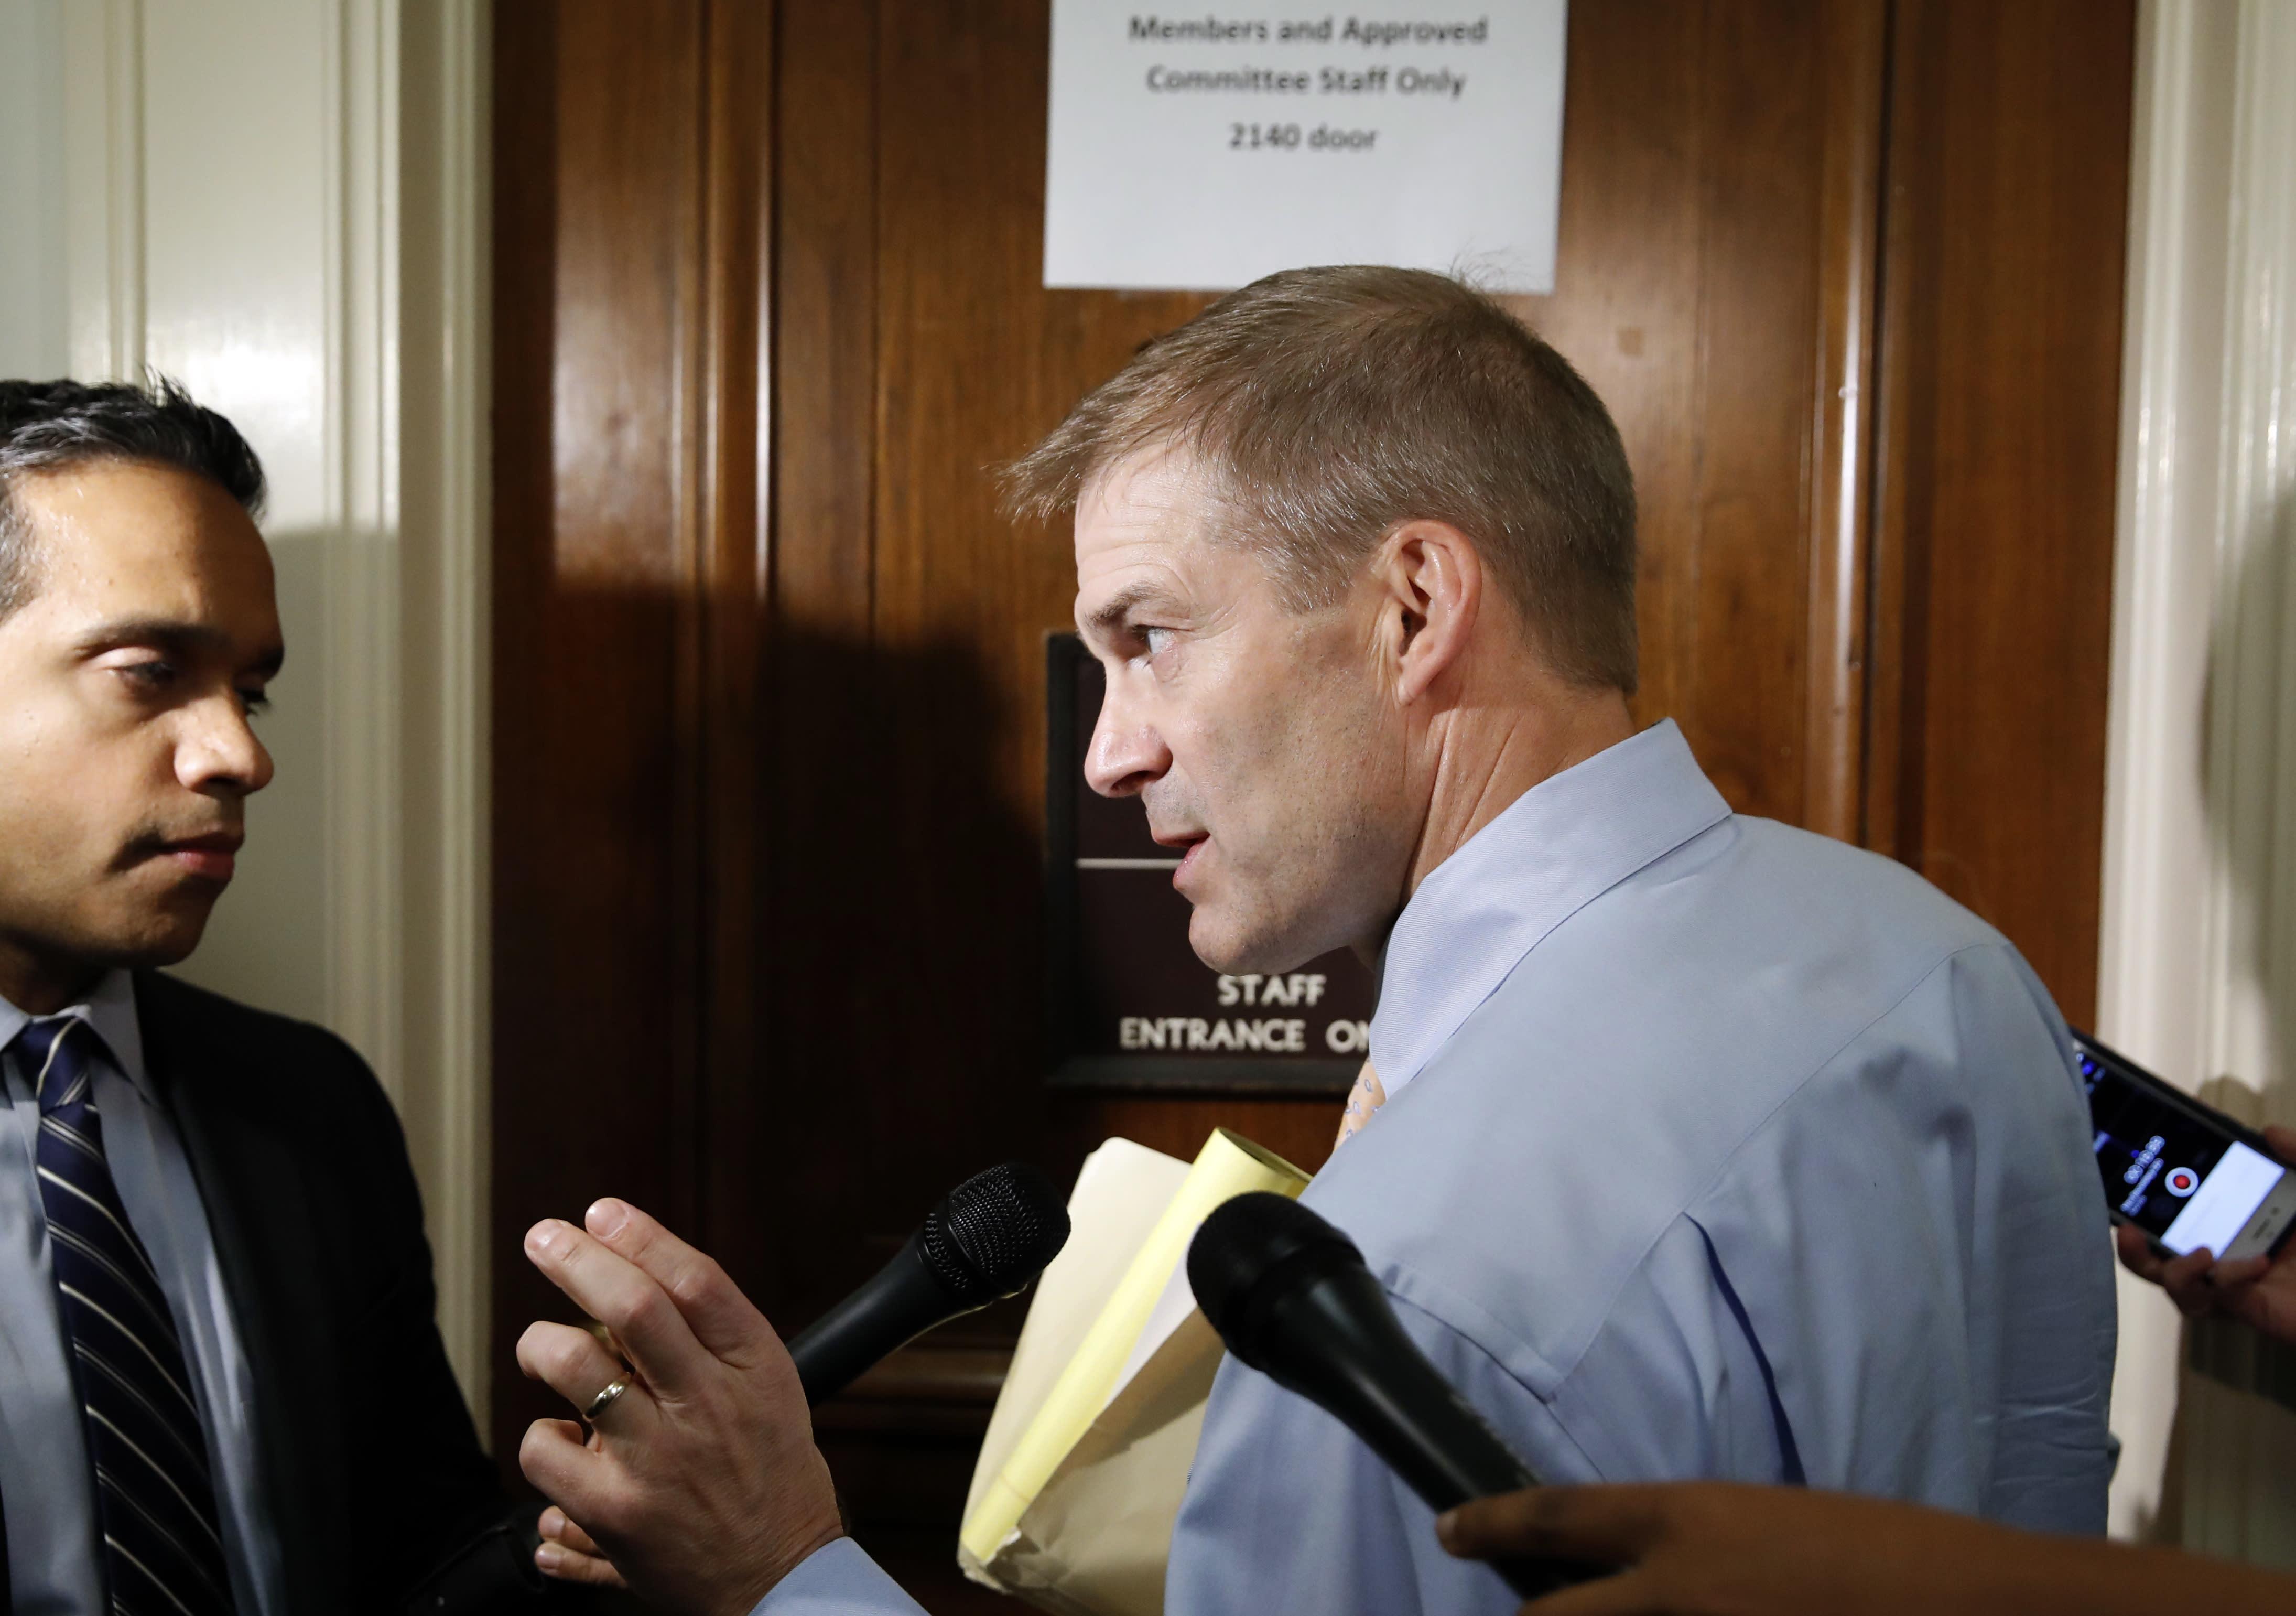 Former Ohio State wrestlers say GOP Rep. Jim Jordan was